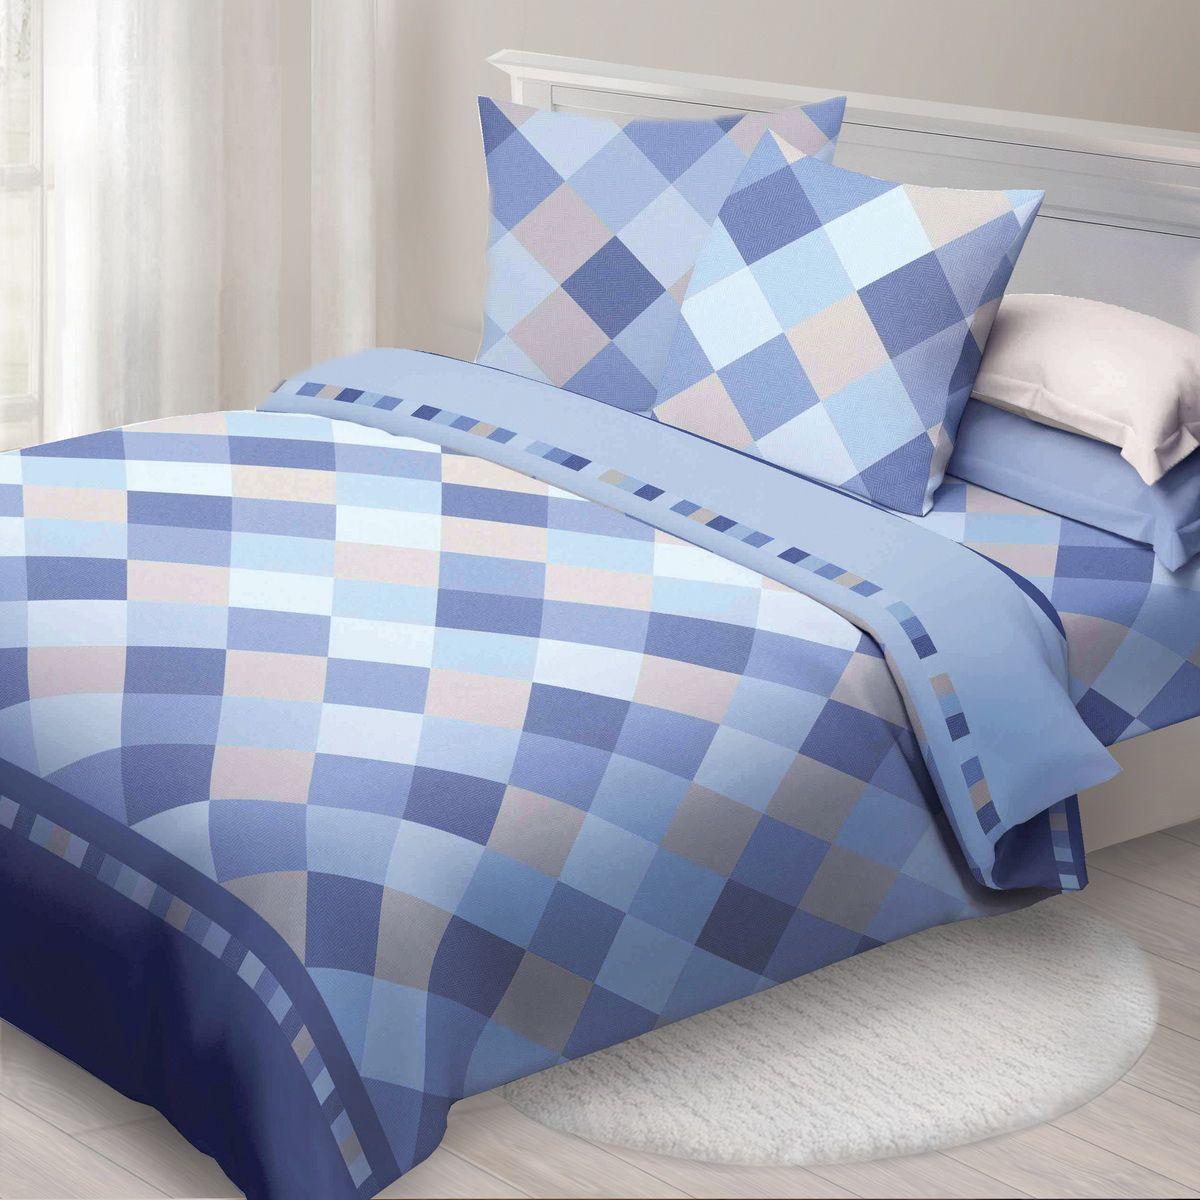 Комплект белья Спал Спалыч Твил, 2-спальное, наволочки 70x70, цвет: голубой88067Спал Спалыч - недорогое, но качественное постельное белье из белорусской бязи. Актуальные дизайны, авторская упаковка в сочетании с качественными материалами и приемлемой ценой - залог успеха Спал Спалыча! В ассортименте широкая линейка домашнего текстиля для всей семьи - современные дизайны современному покупателю! Ткань обработана по технологии PERFECT WAY - благодаря чему, она становится более гладкой и шелковистой. • Бязь Барановичи 100% хлопок • Плотность ткани - 125 гр/кв.м.